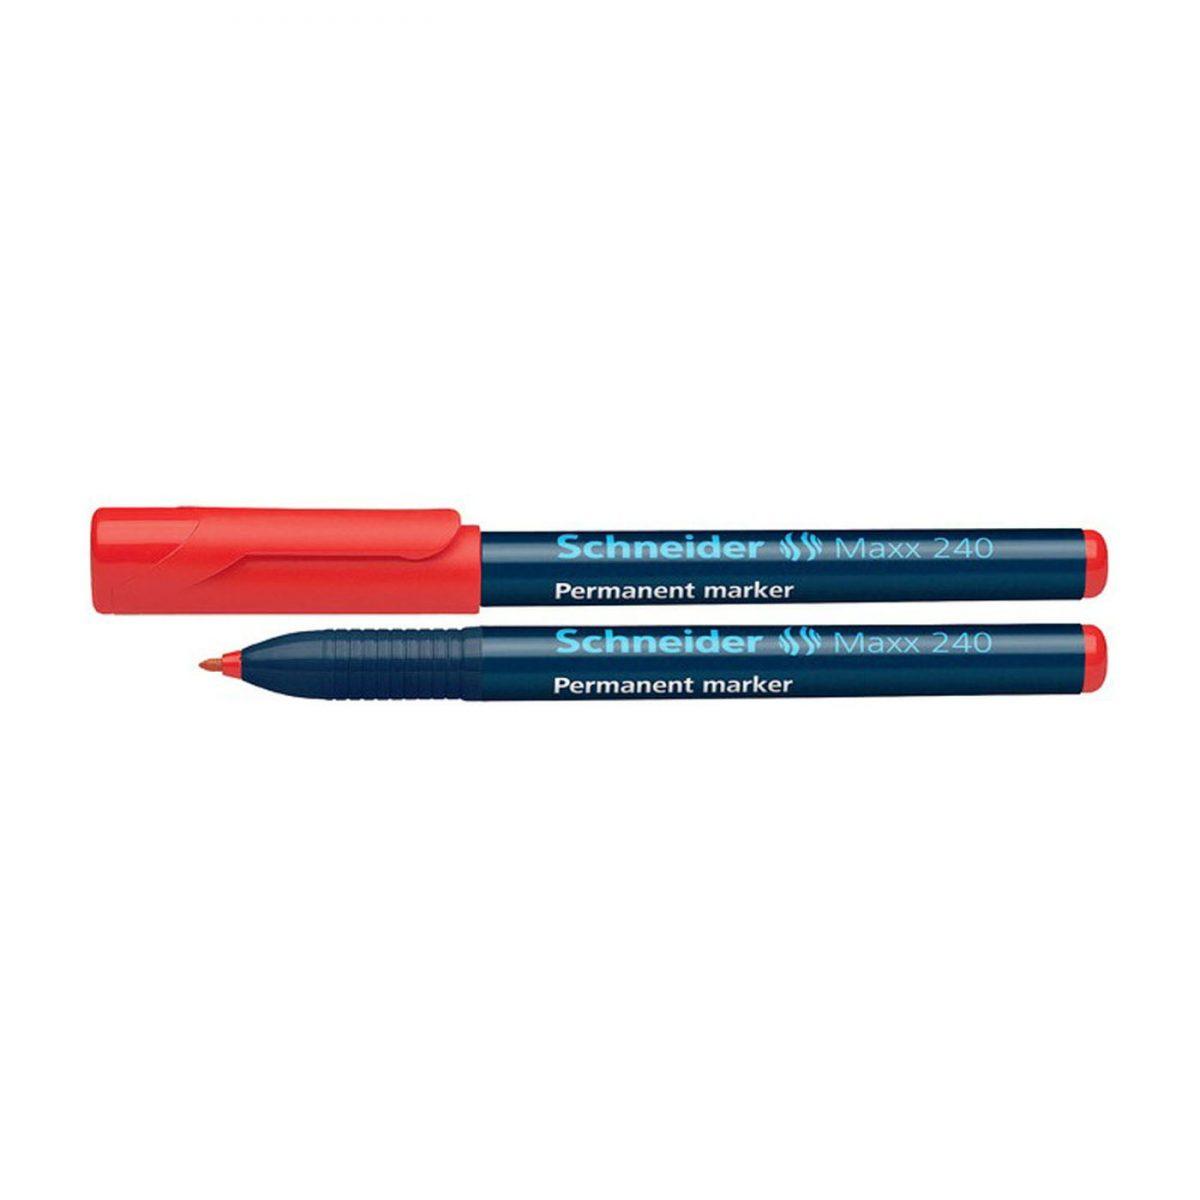 Permanent marker SCHNEIDER Maxx 240, varf rotund 1-2mm - rosu